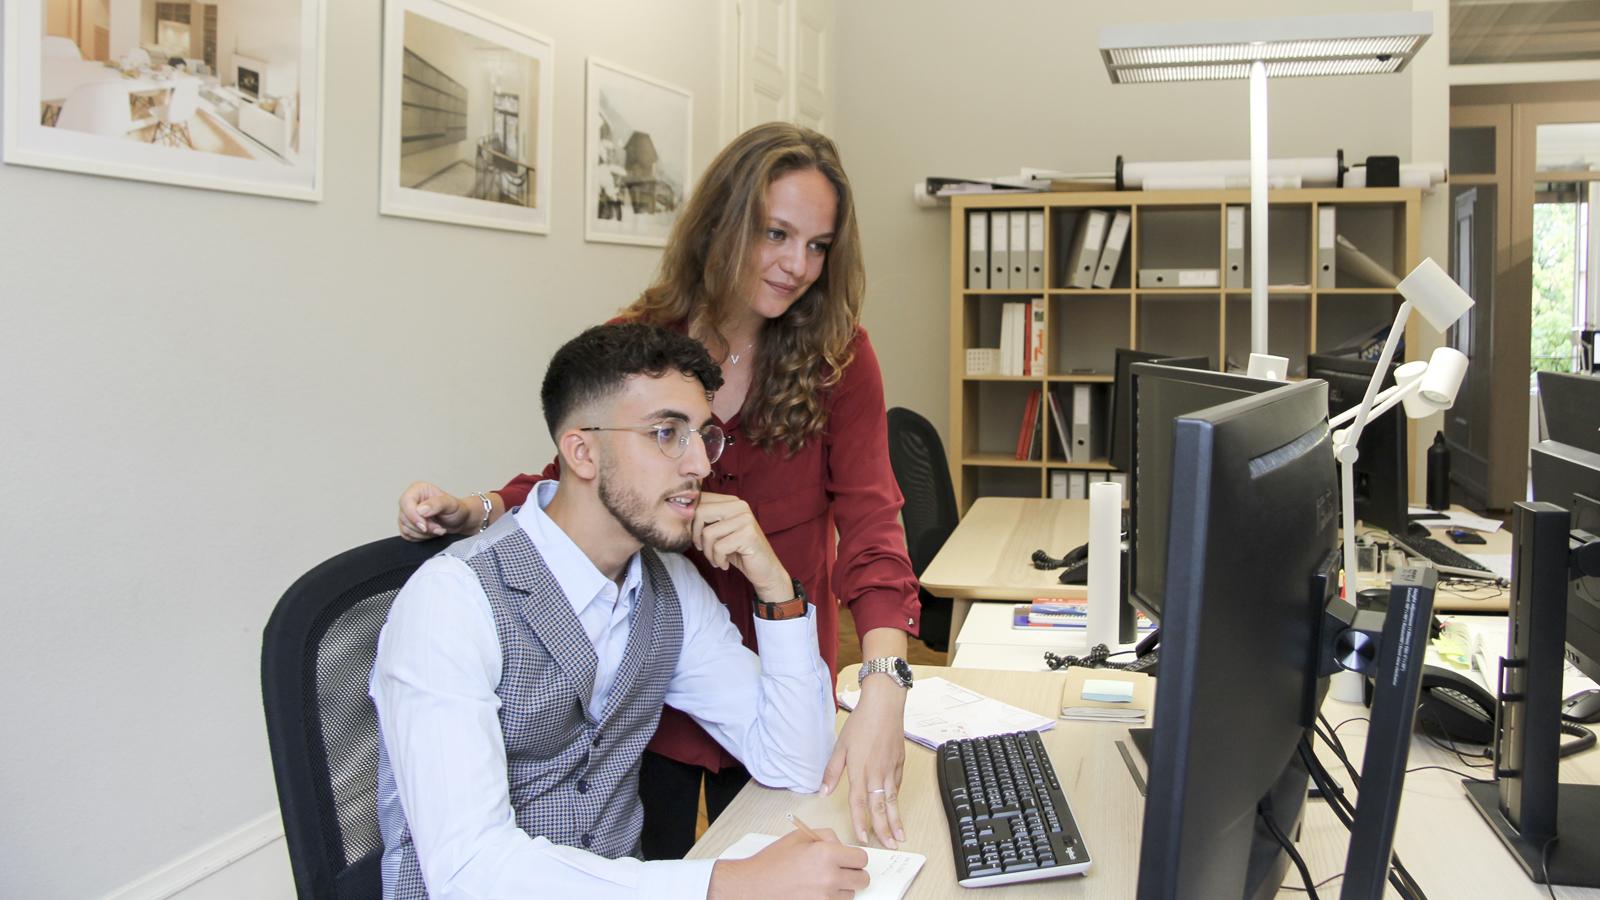 CSDK Architectes Team Laure Ryan - CSDK ouvre ses portes à deux nouveaux stagiaires - CSDK Architectes Team Laure Ryan